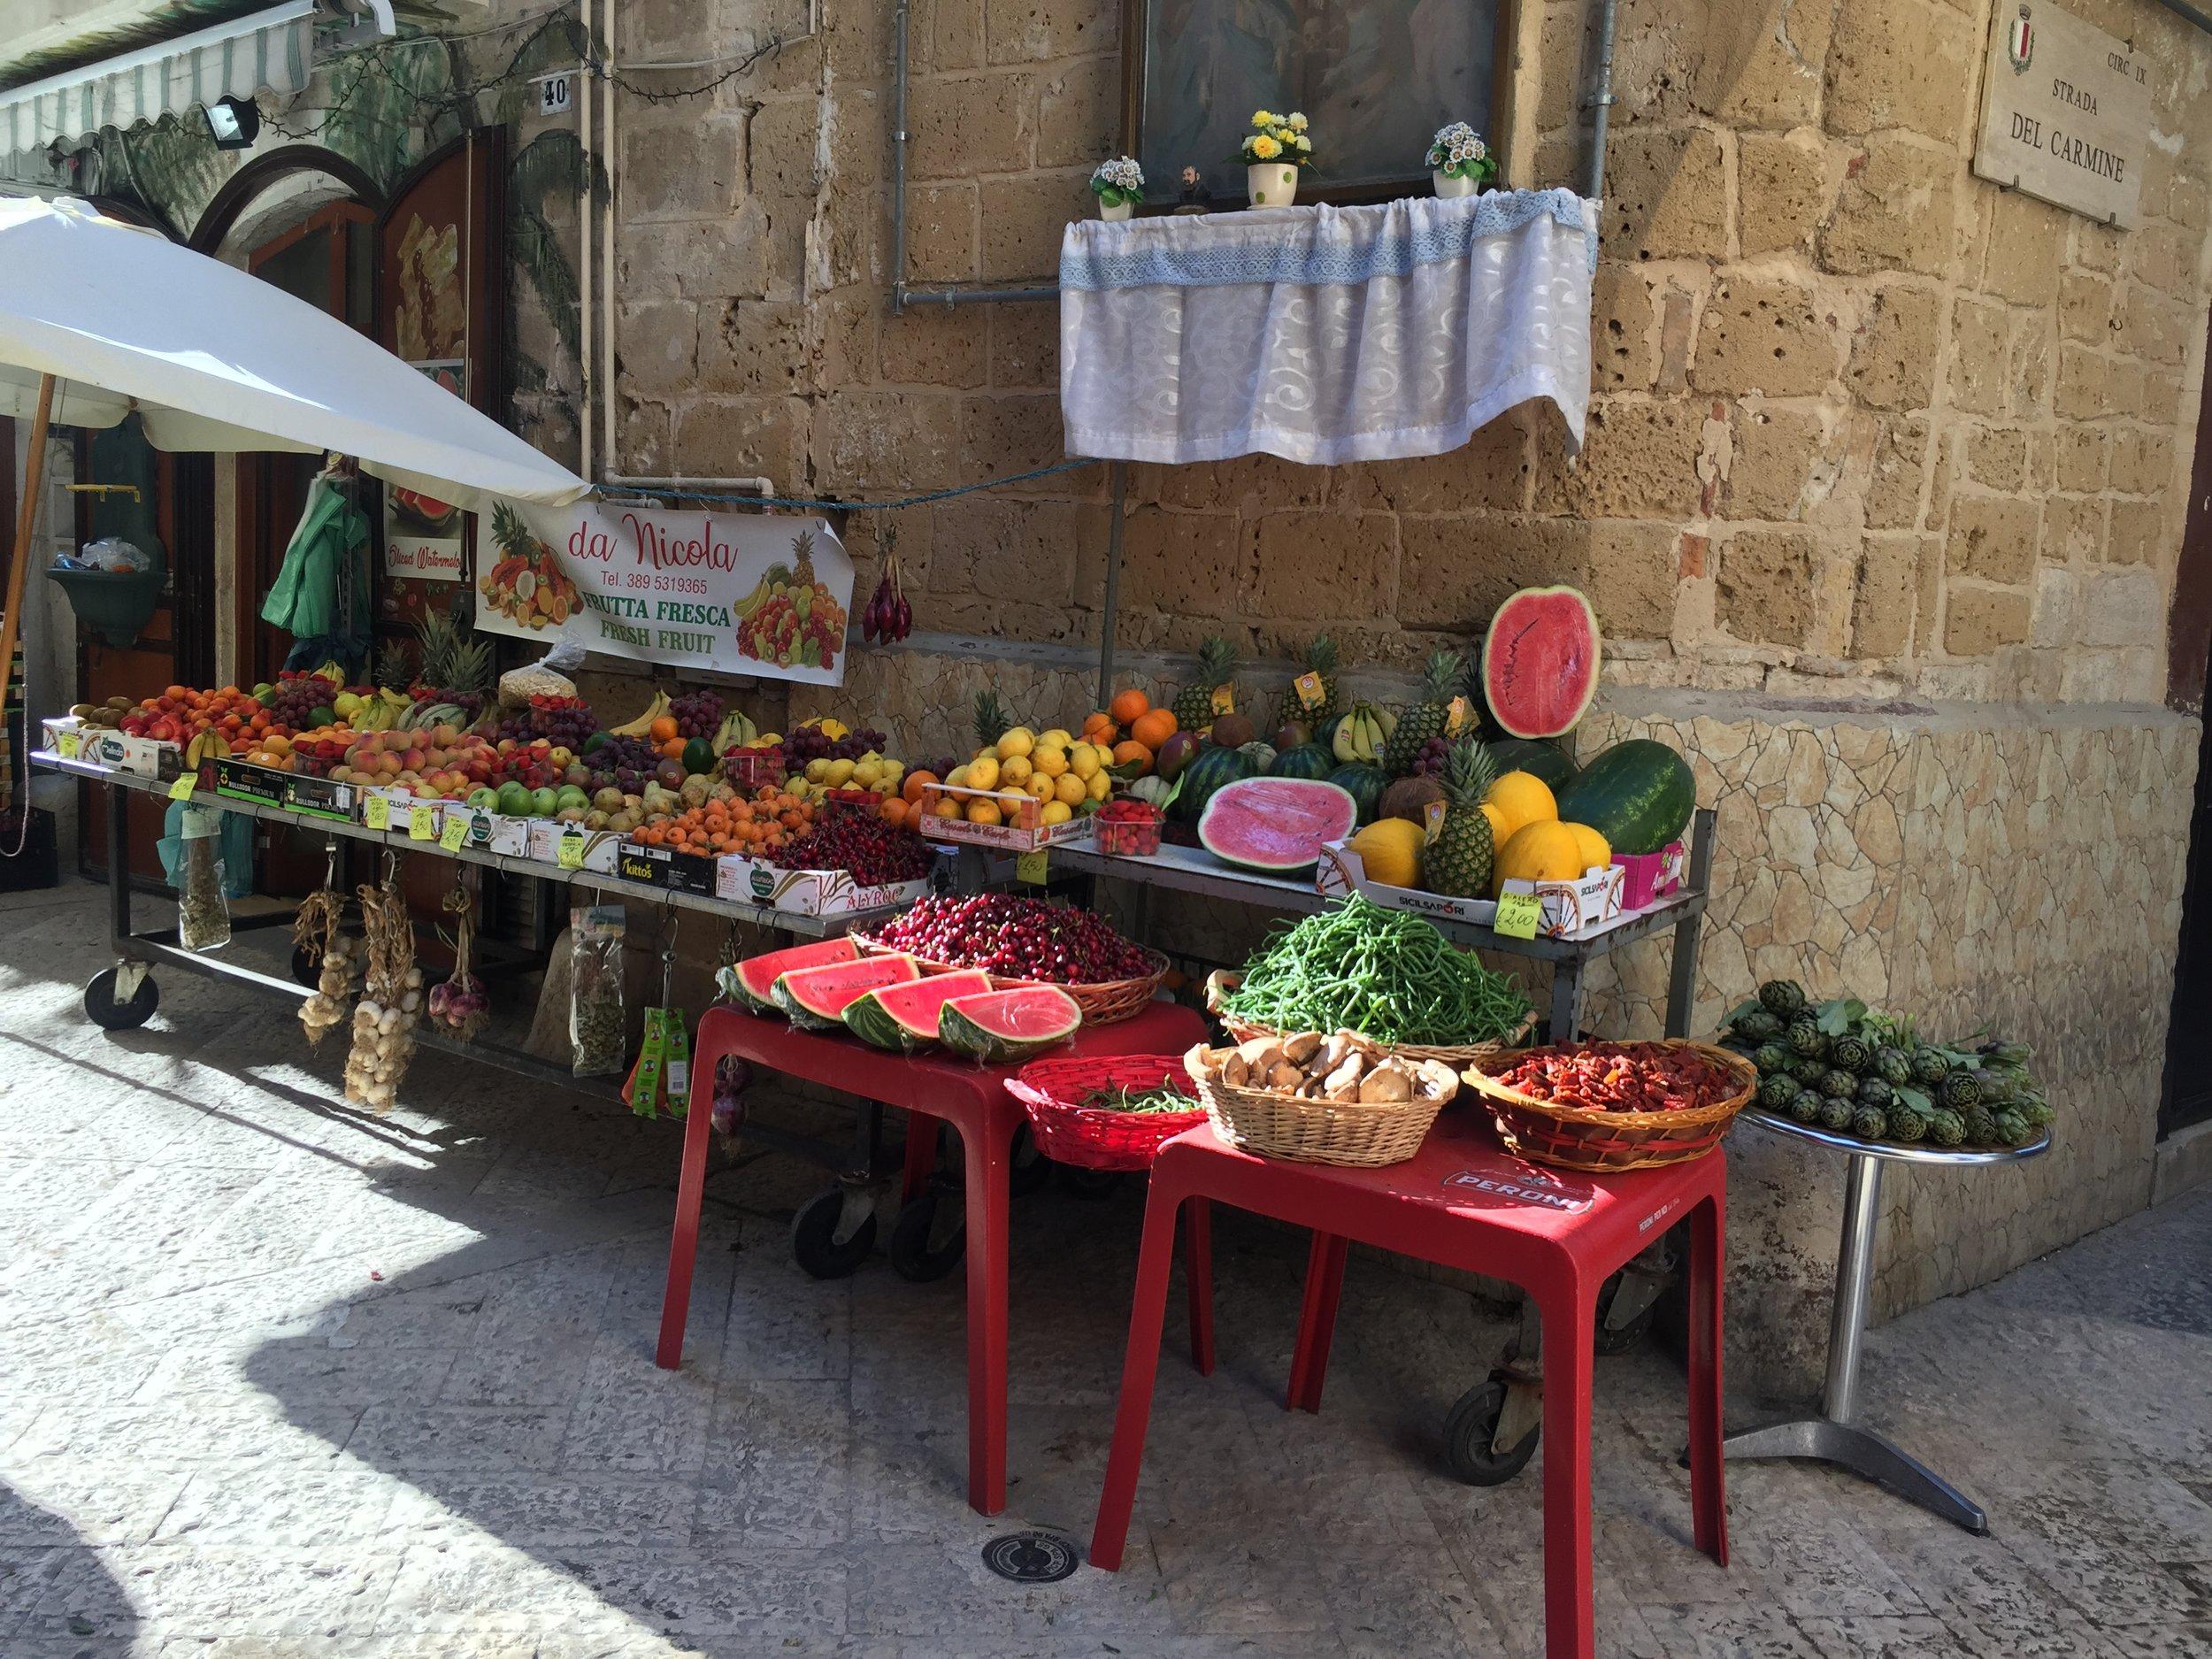 Da Nicola Frutta Fresca fruit and veggie shop near the main square in old Bari.